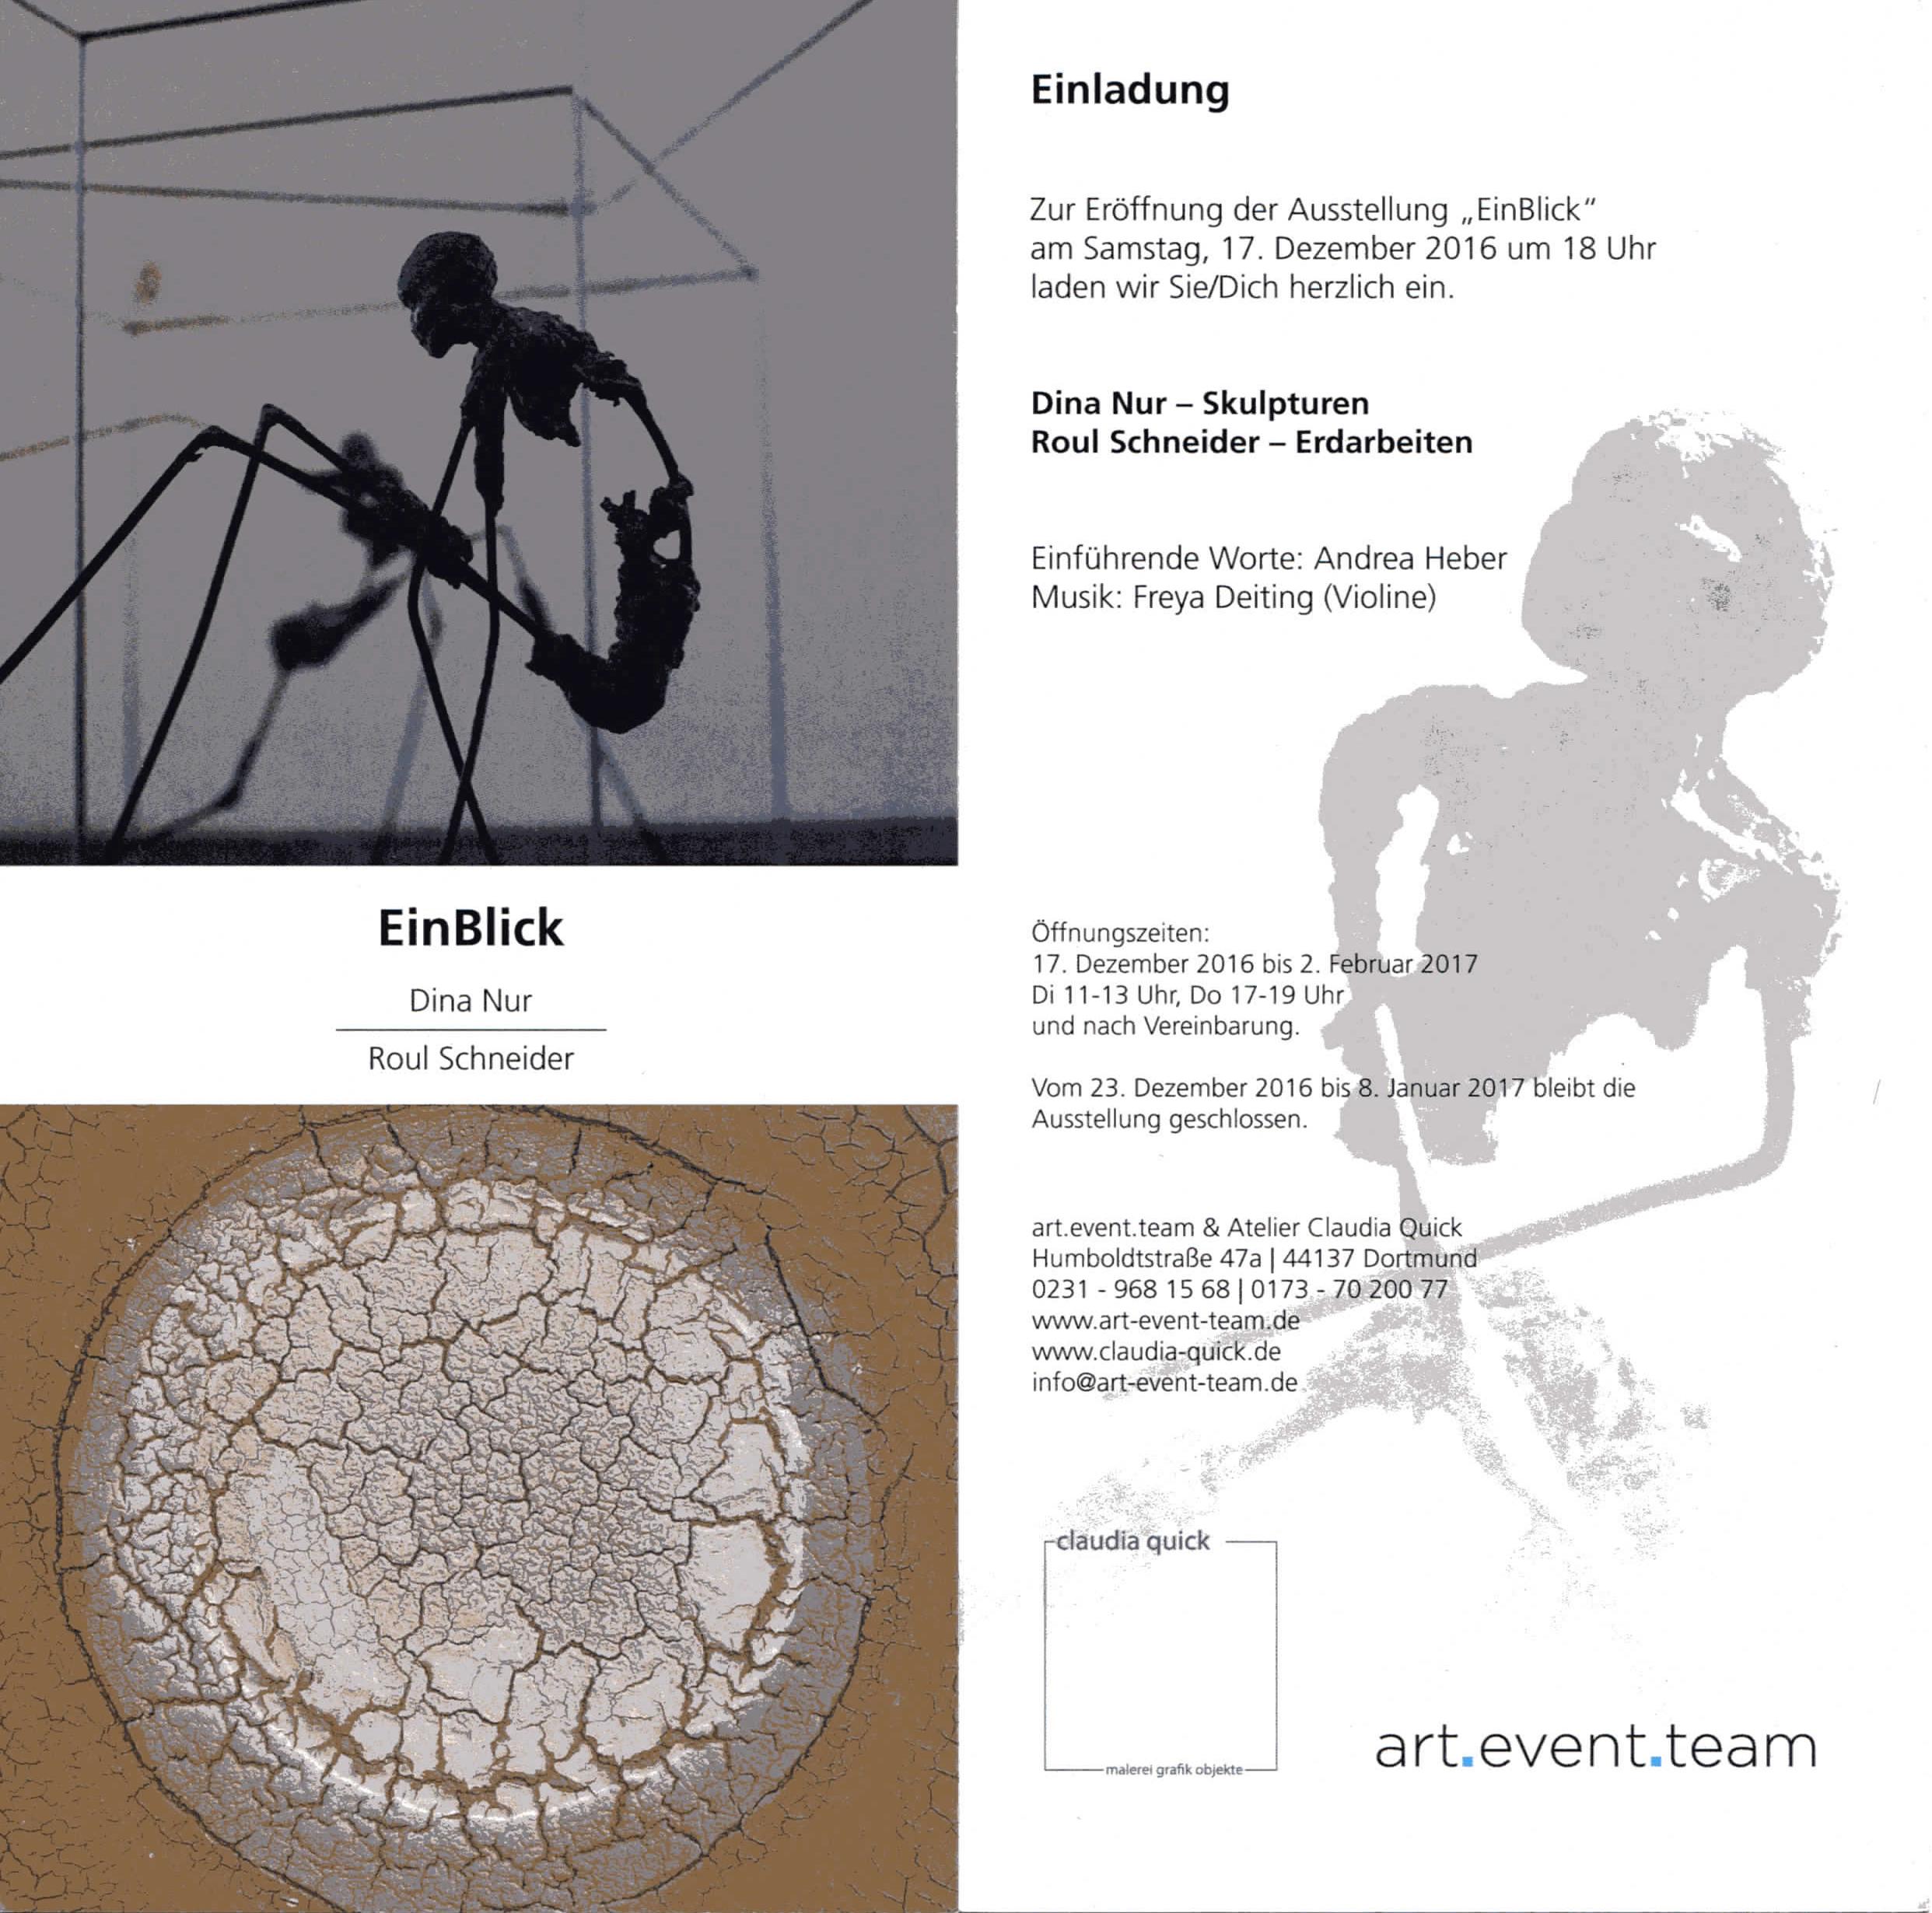 """""""EinBlick"""" 17.12.2016 - 02.02.2017 art.event.team•Humboldtstr.47a,44137 Dortmund"""